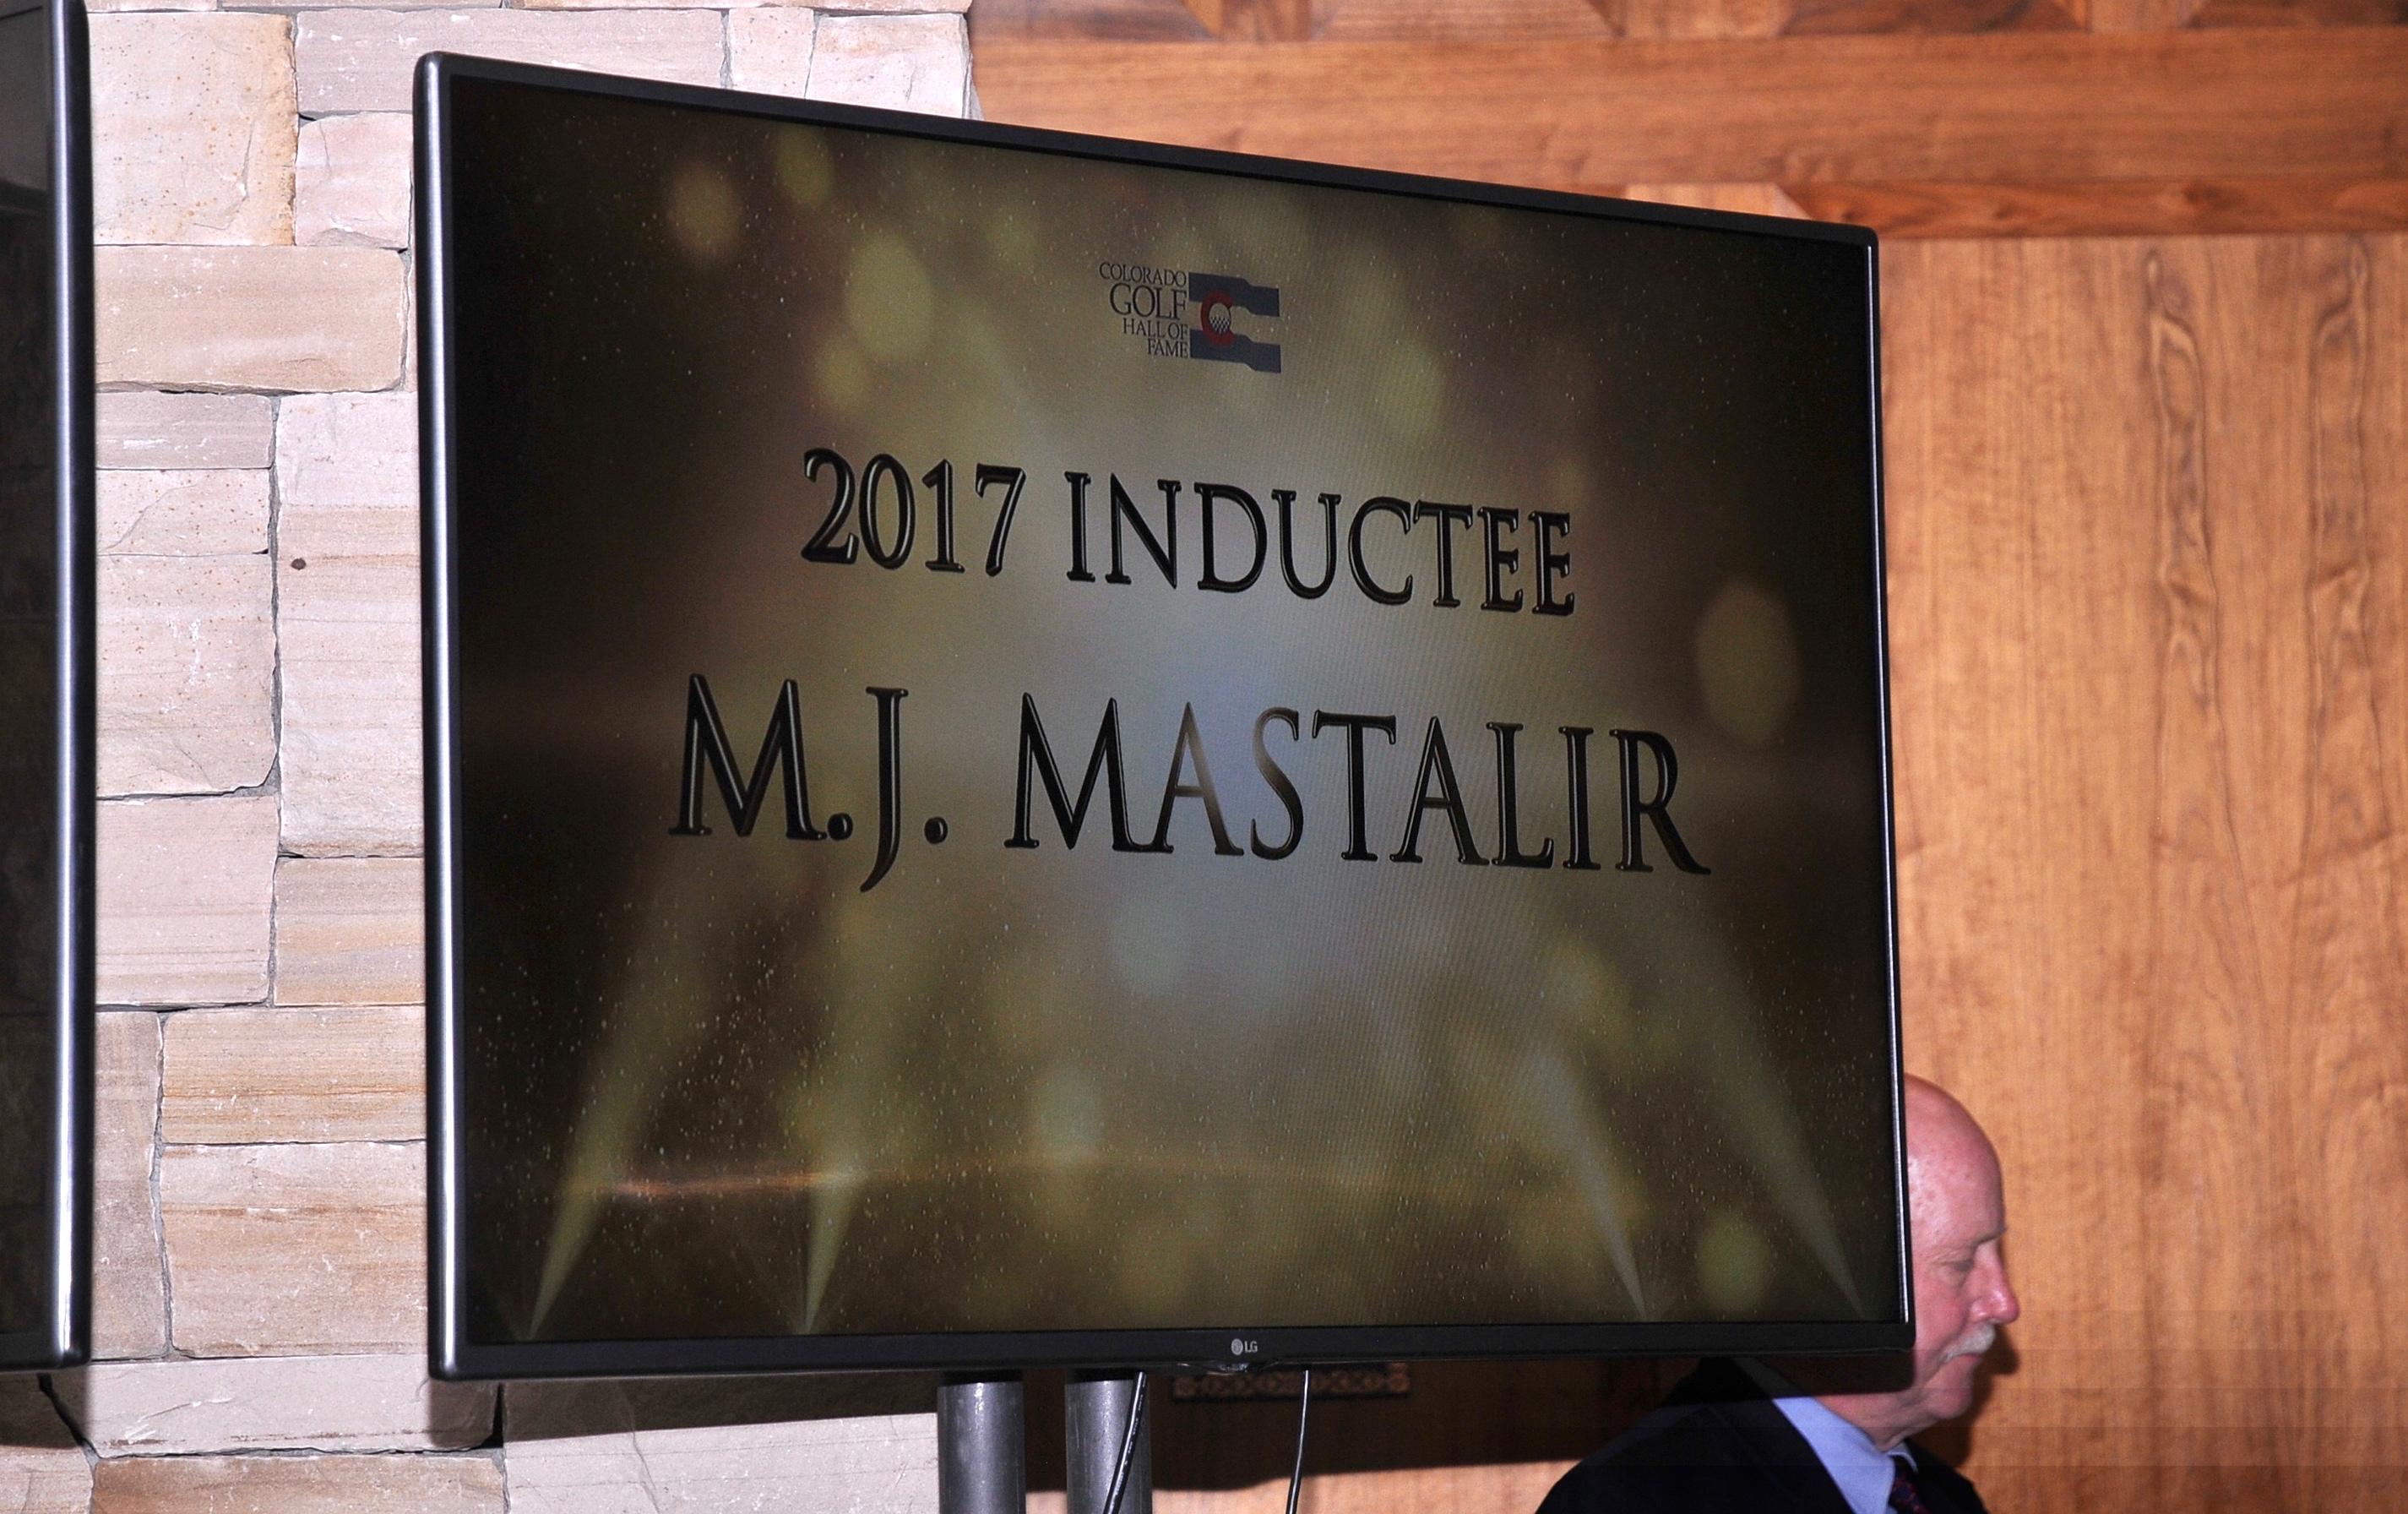 2017 Inductee